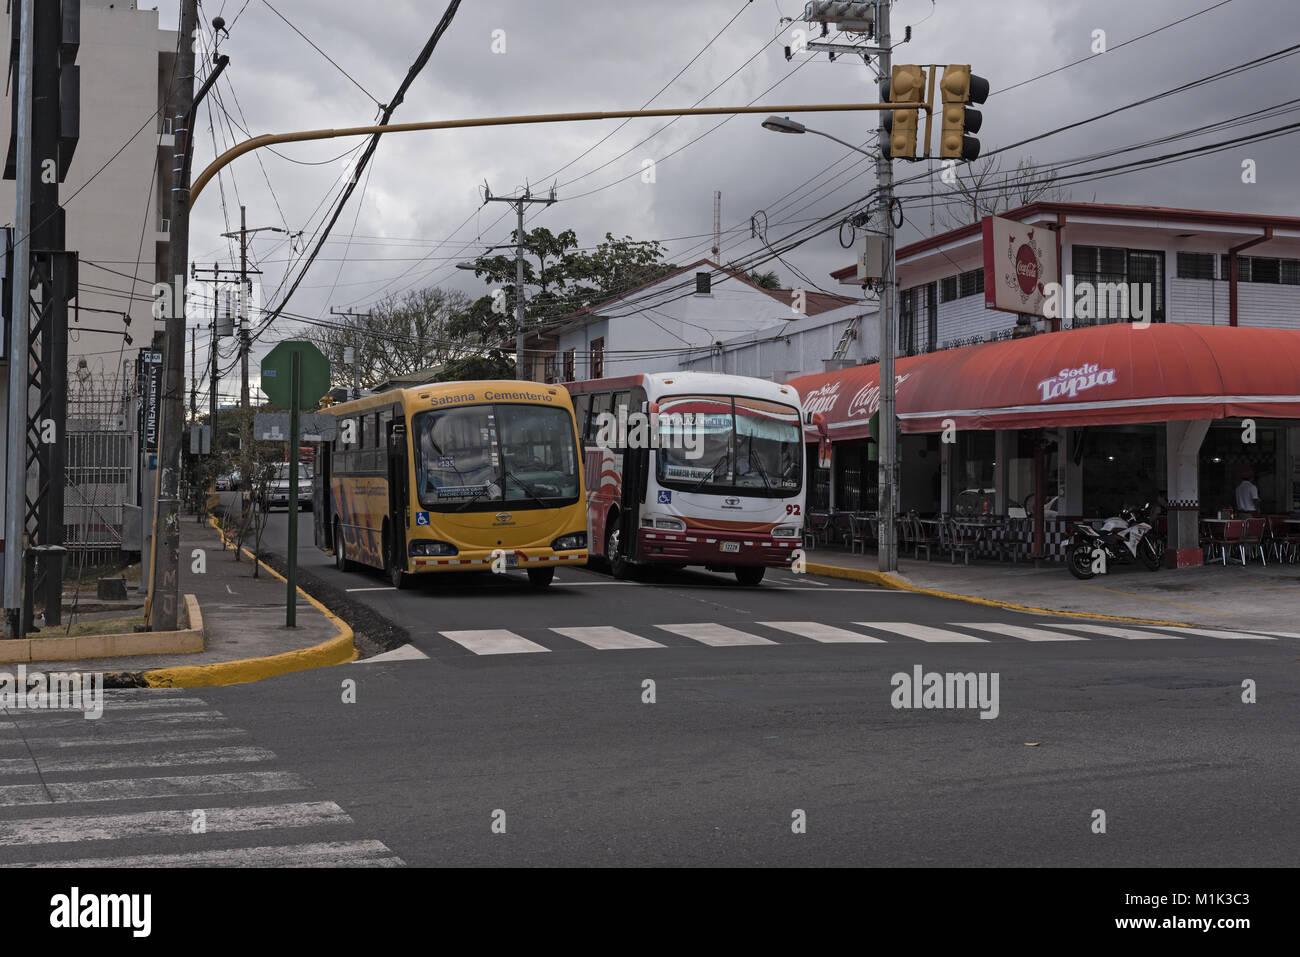 Deux bus dans une rue de San Jose, la capitale du Costa Rica Photo Stock